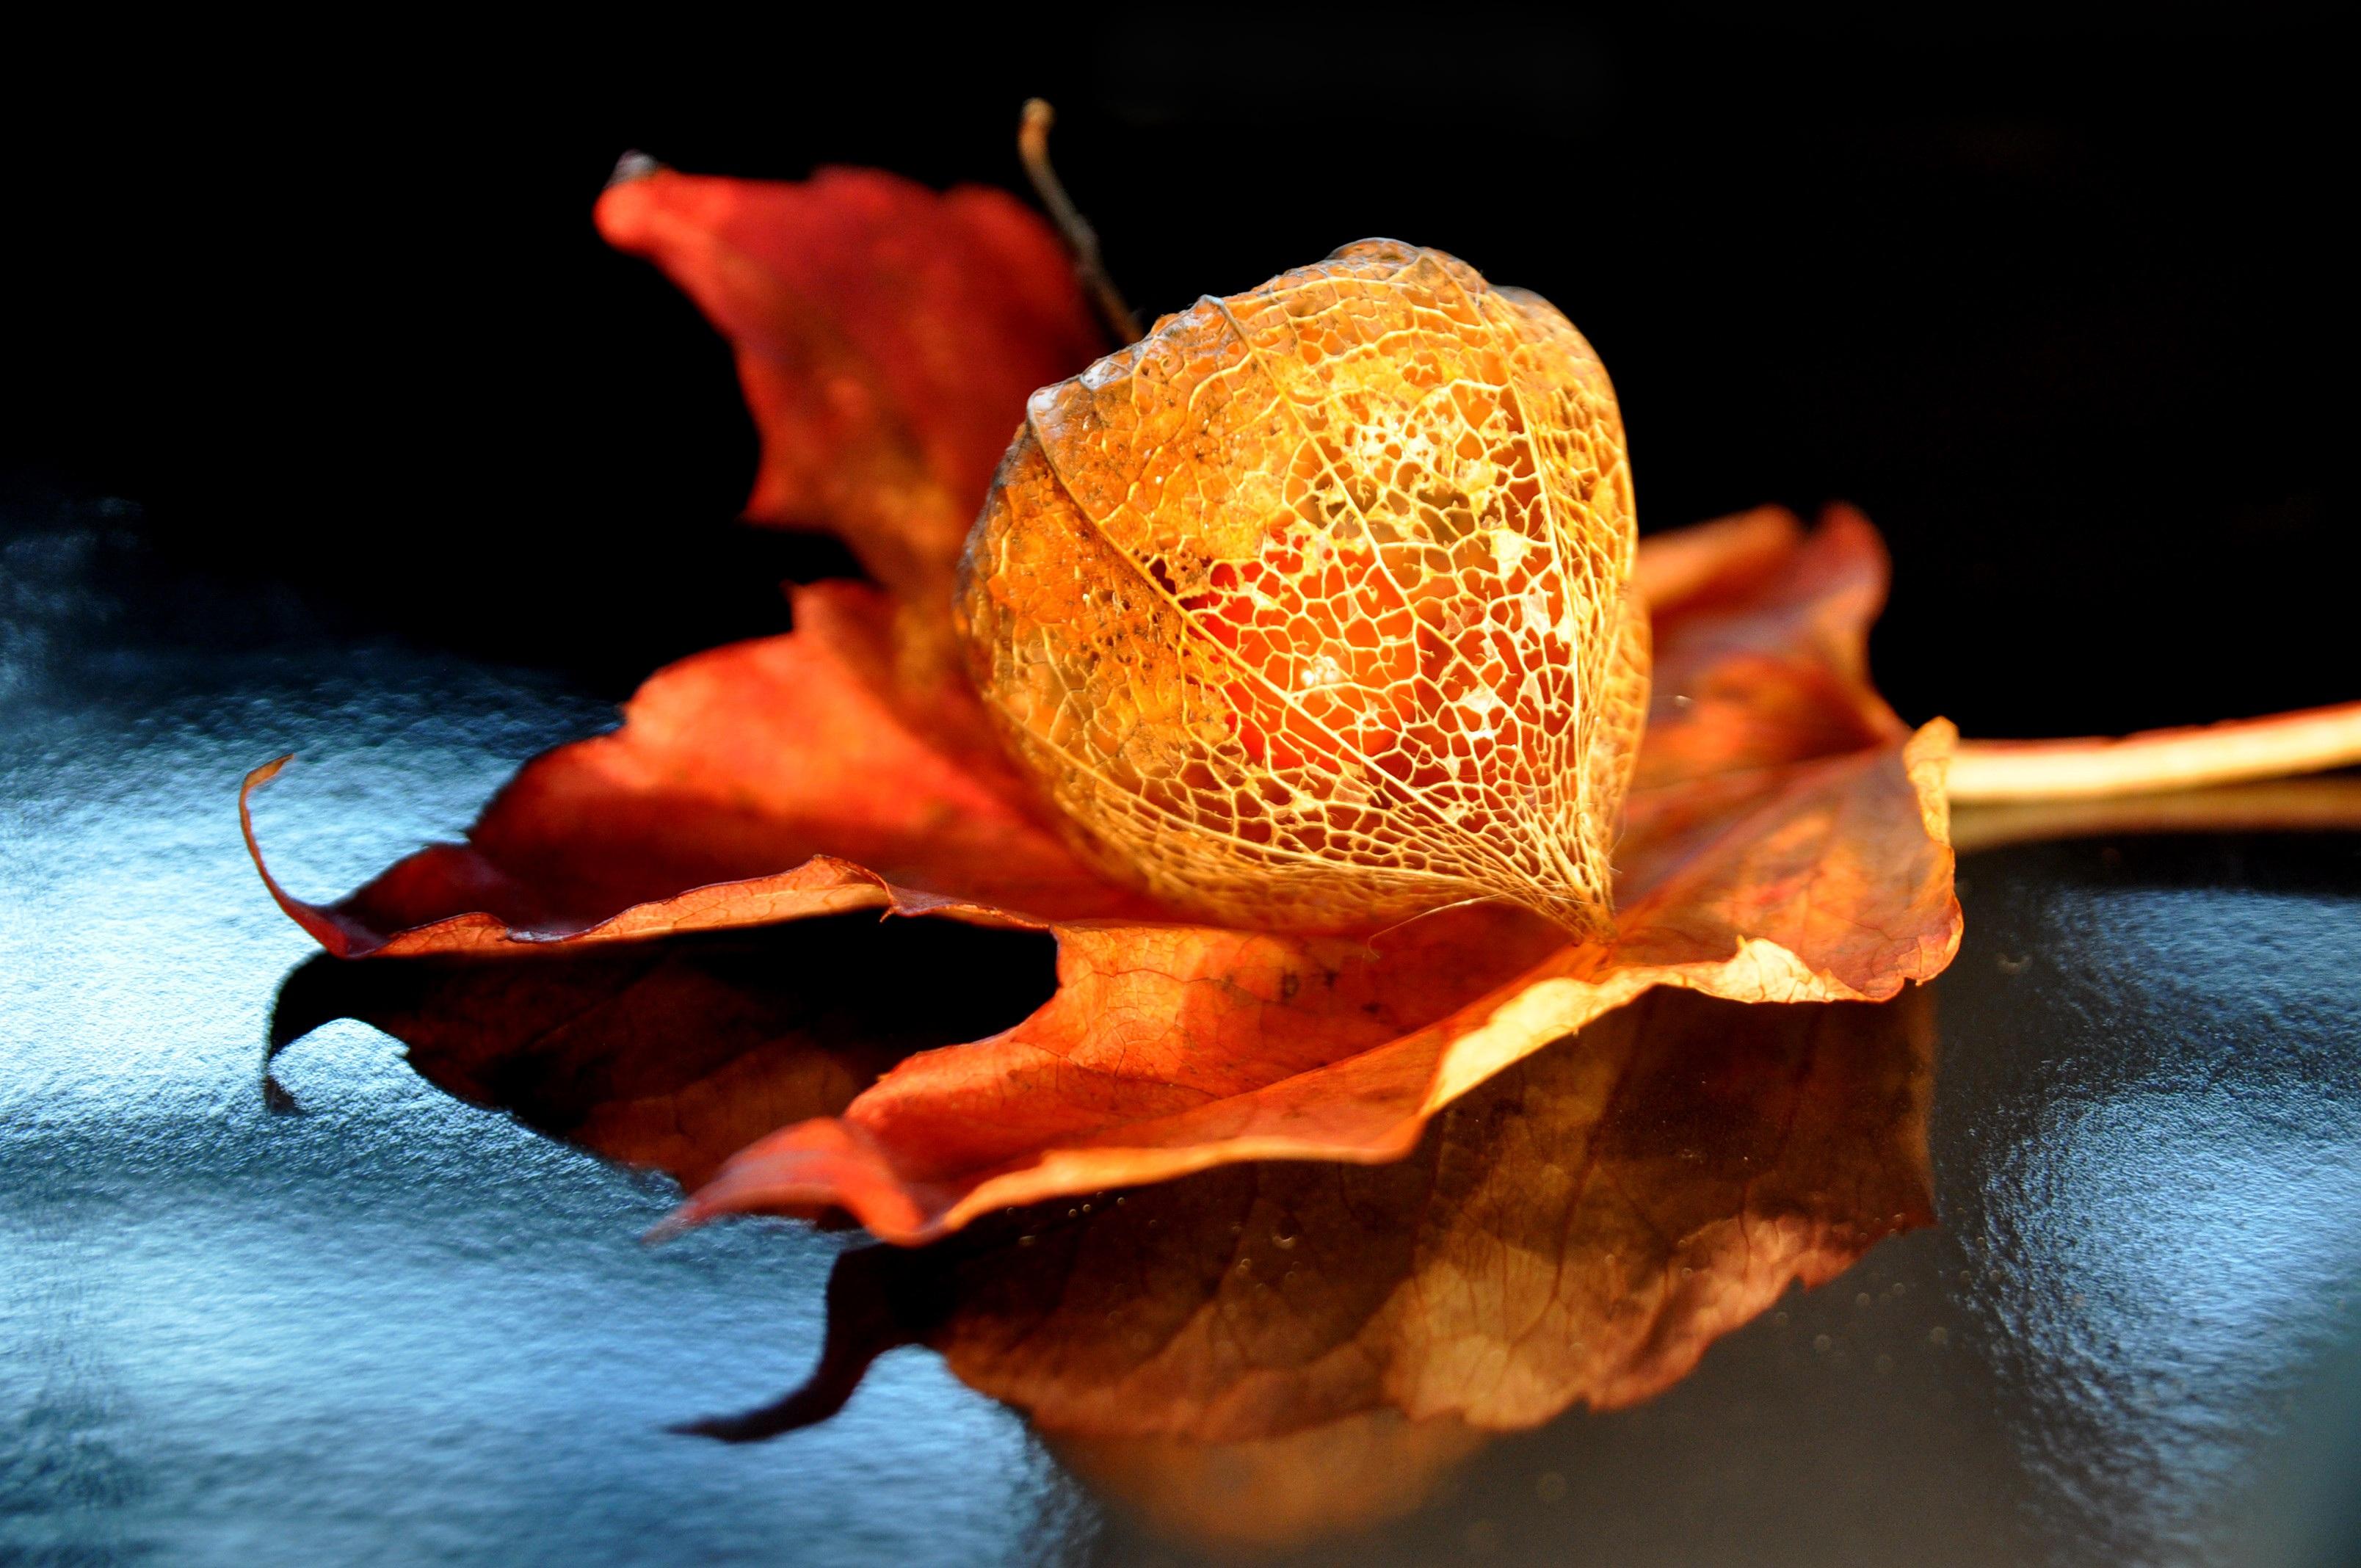 Fotos gratis : naturaleza, fotografía, hoja, flor, naranja, comida ...